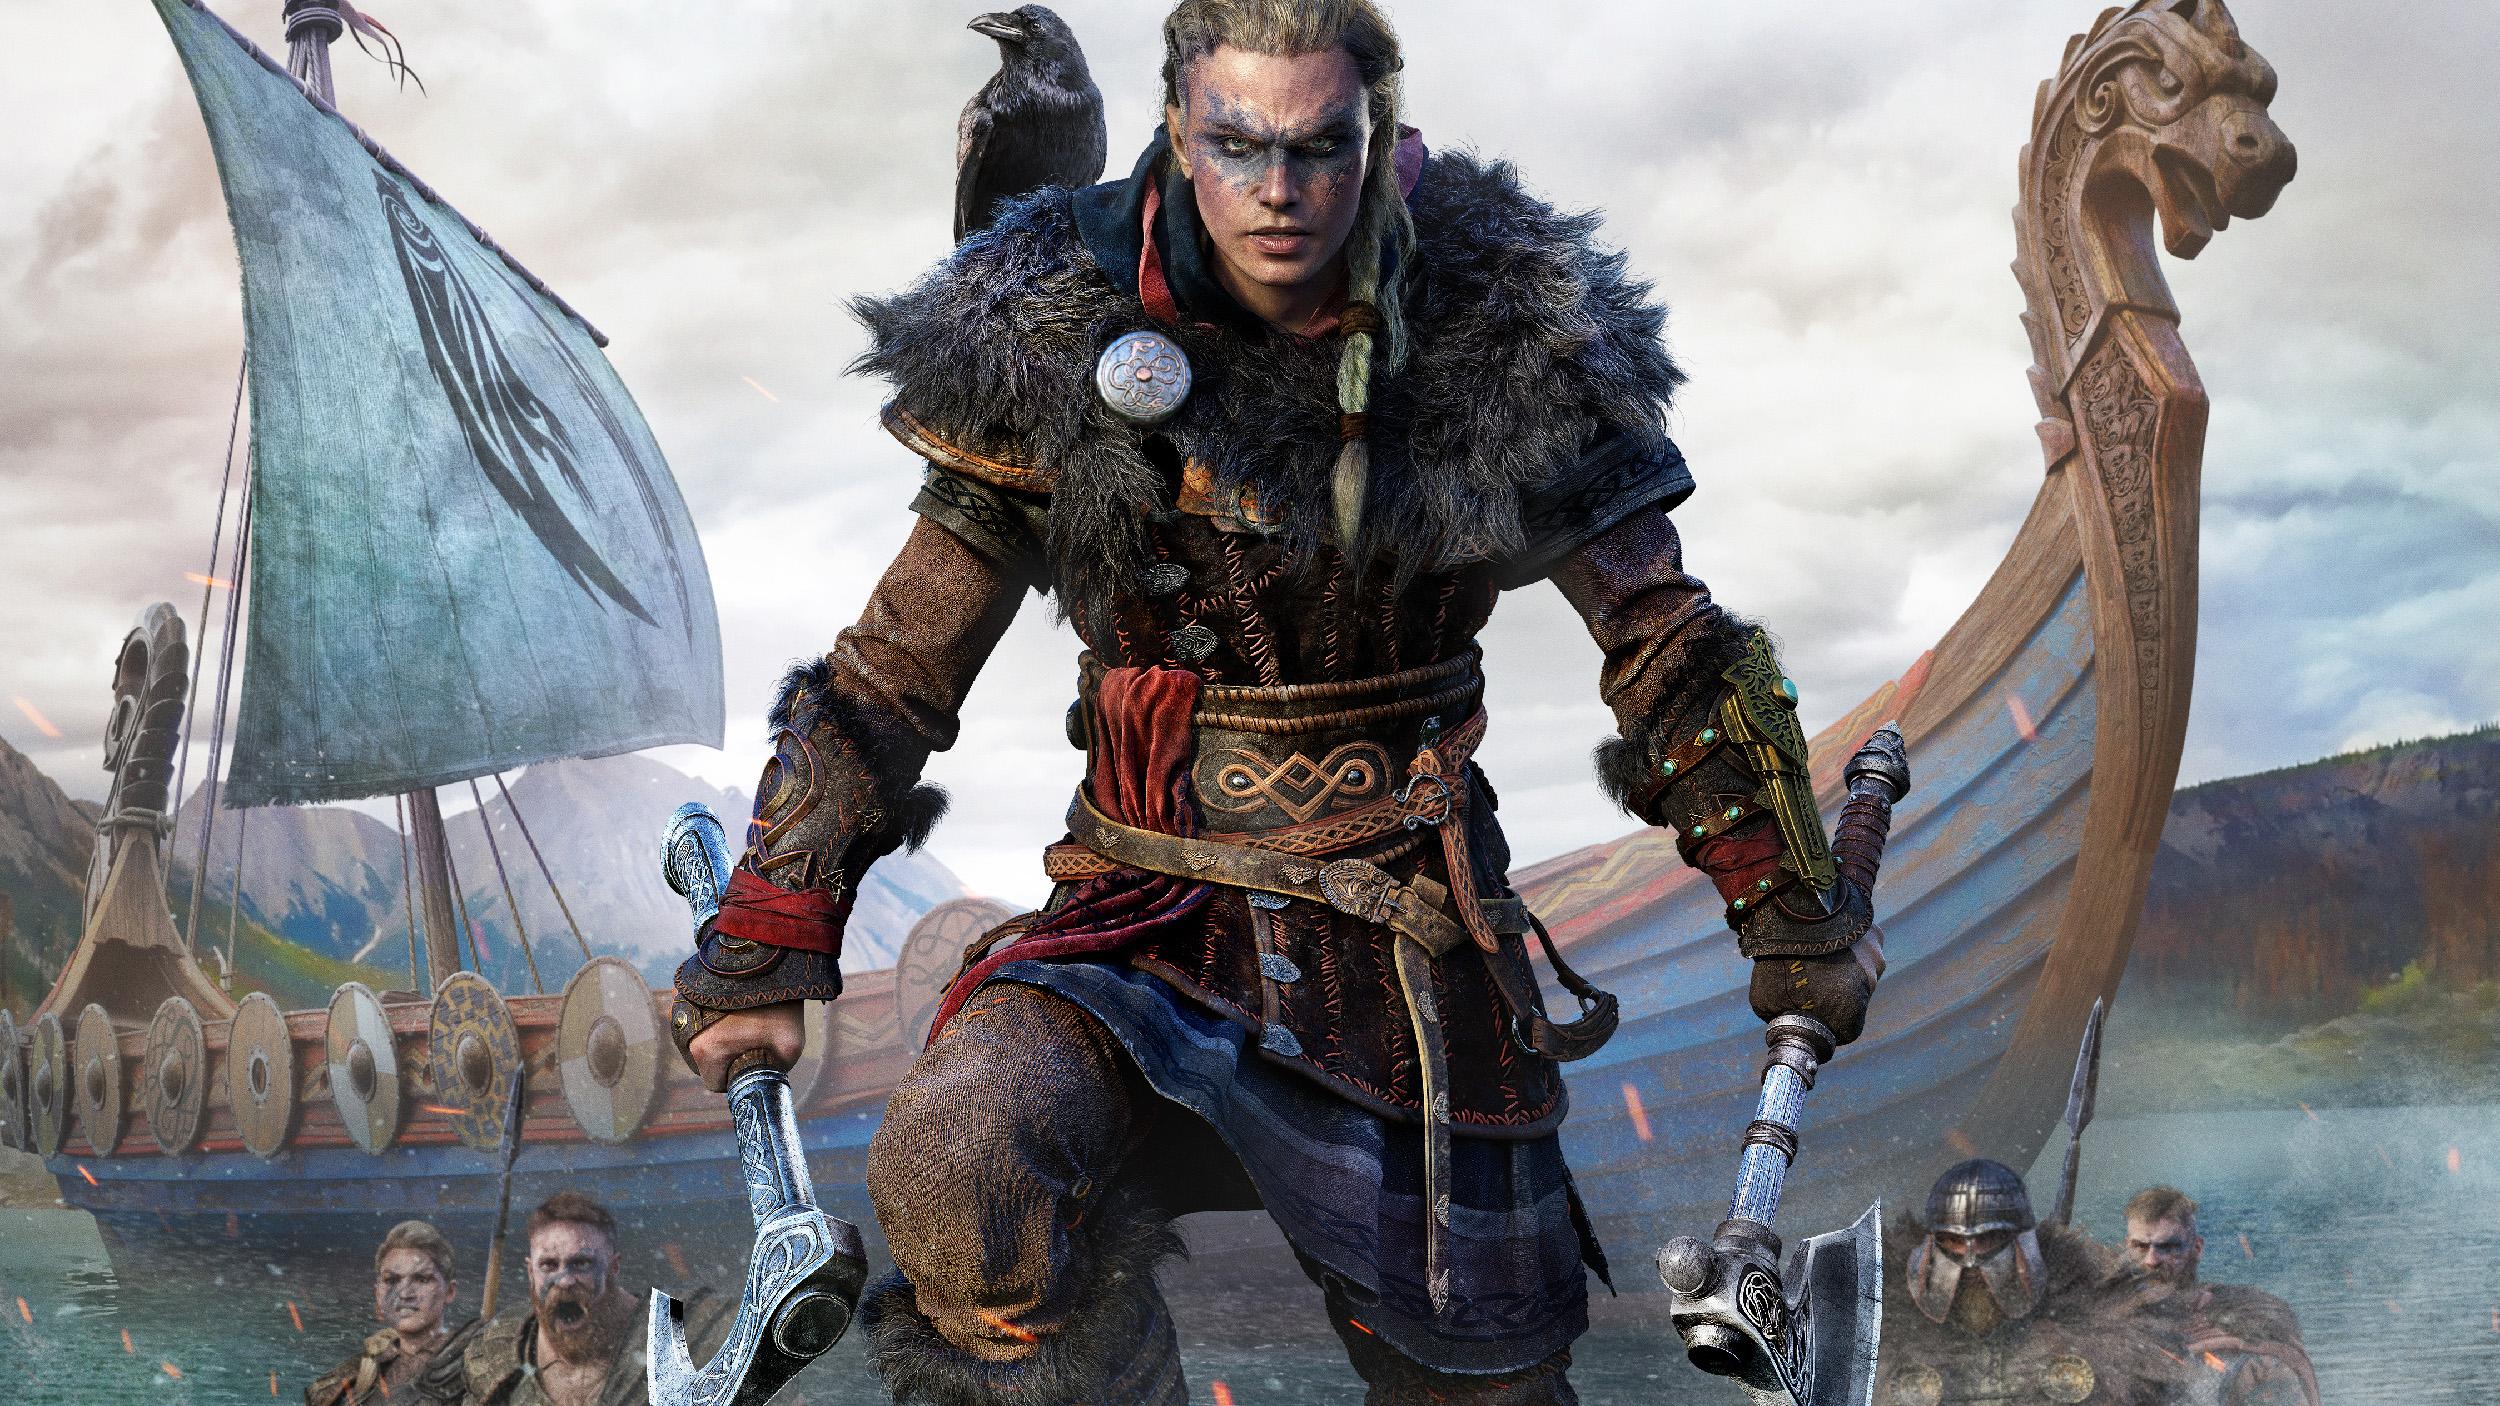 Y avait-il une égalité femmes-hommes chez les Vikings ?